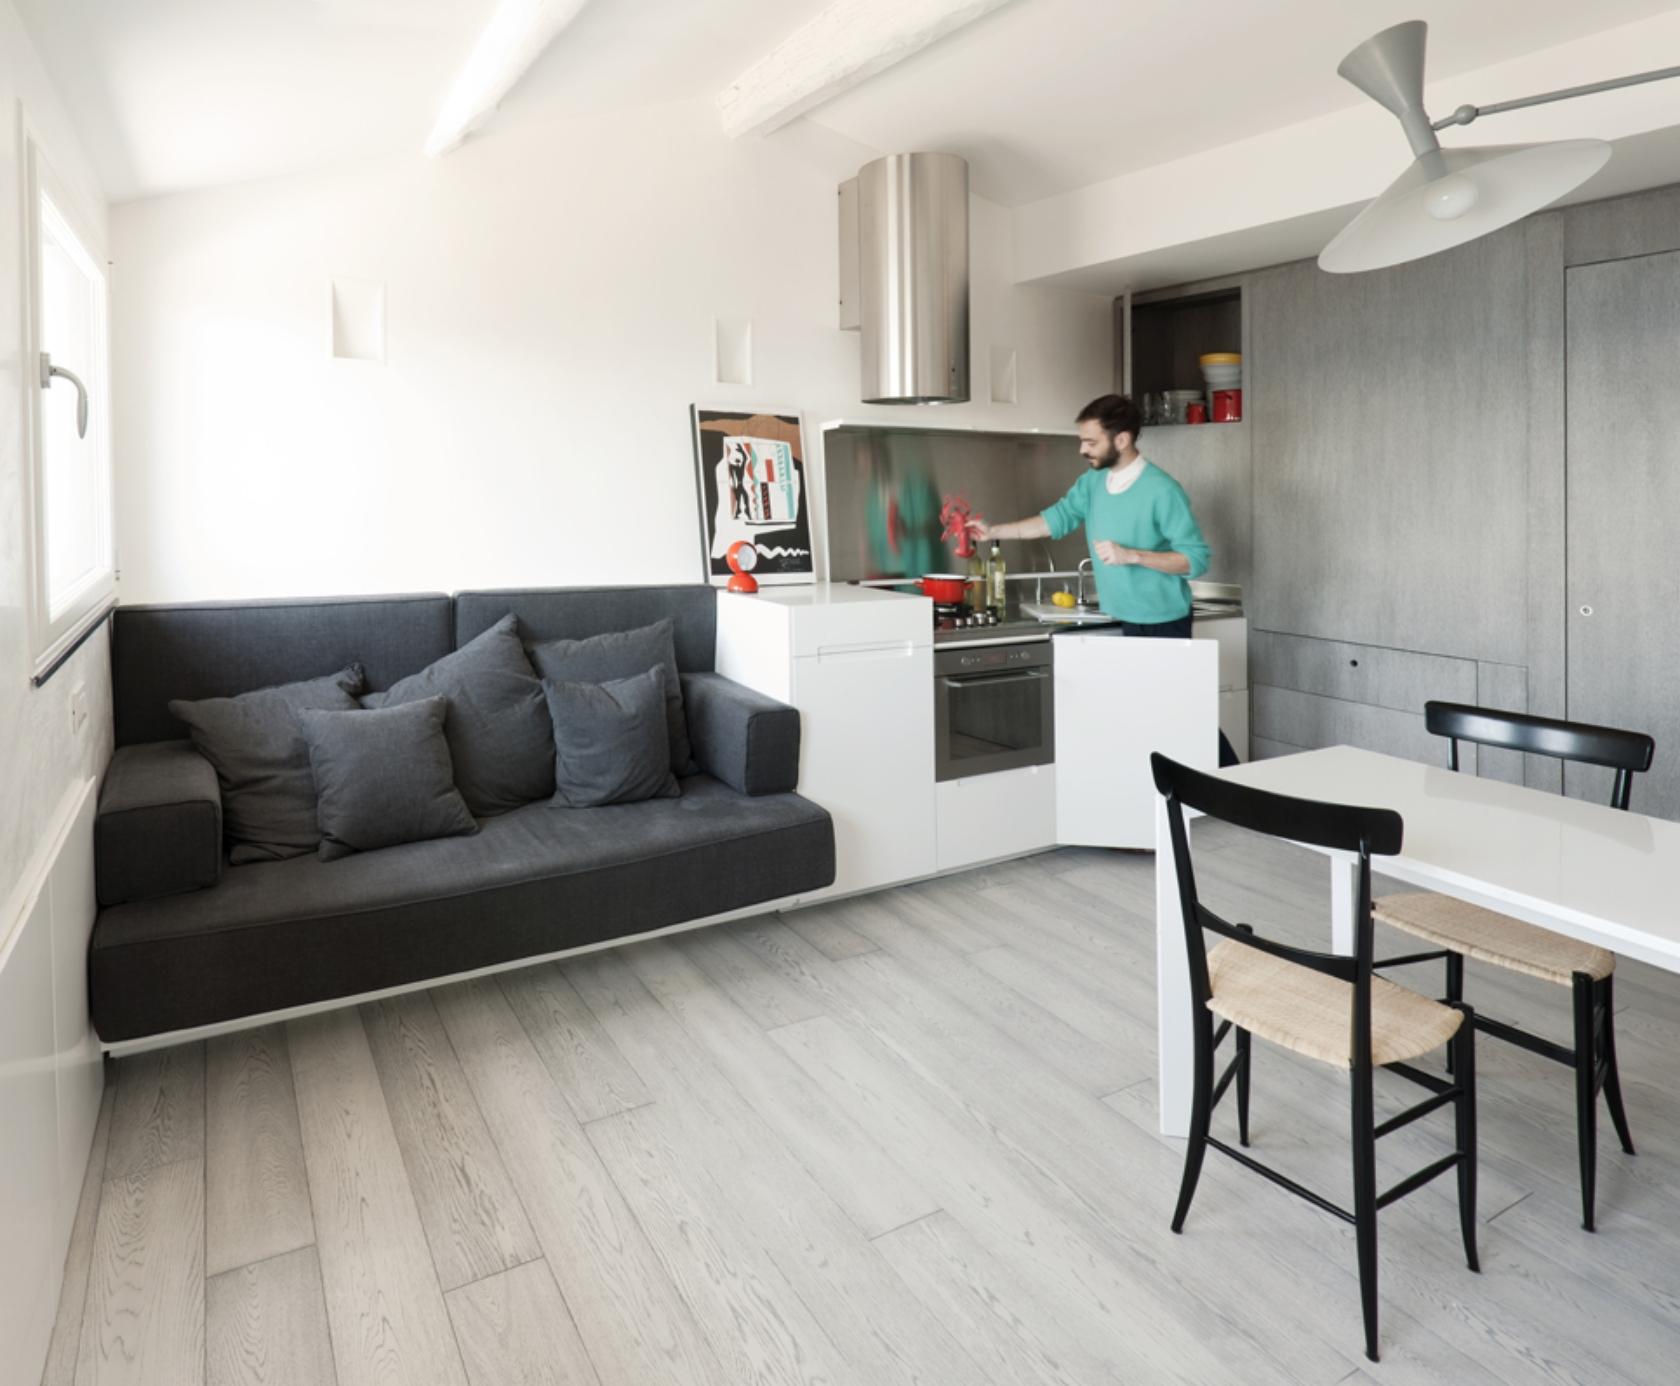 Какой должна быть студийная кухня и санузел